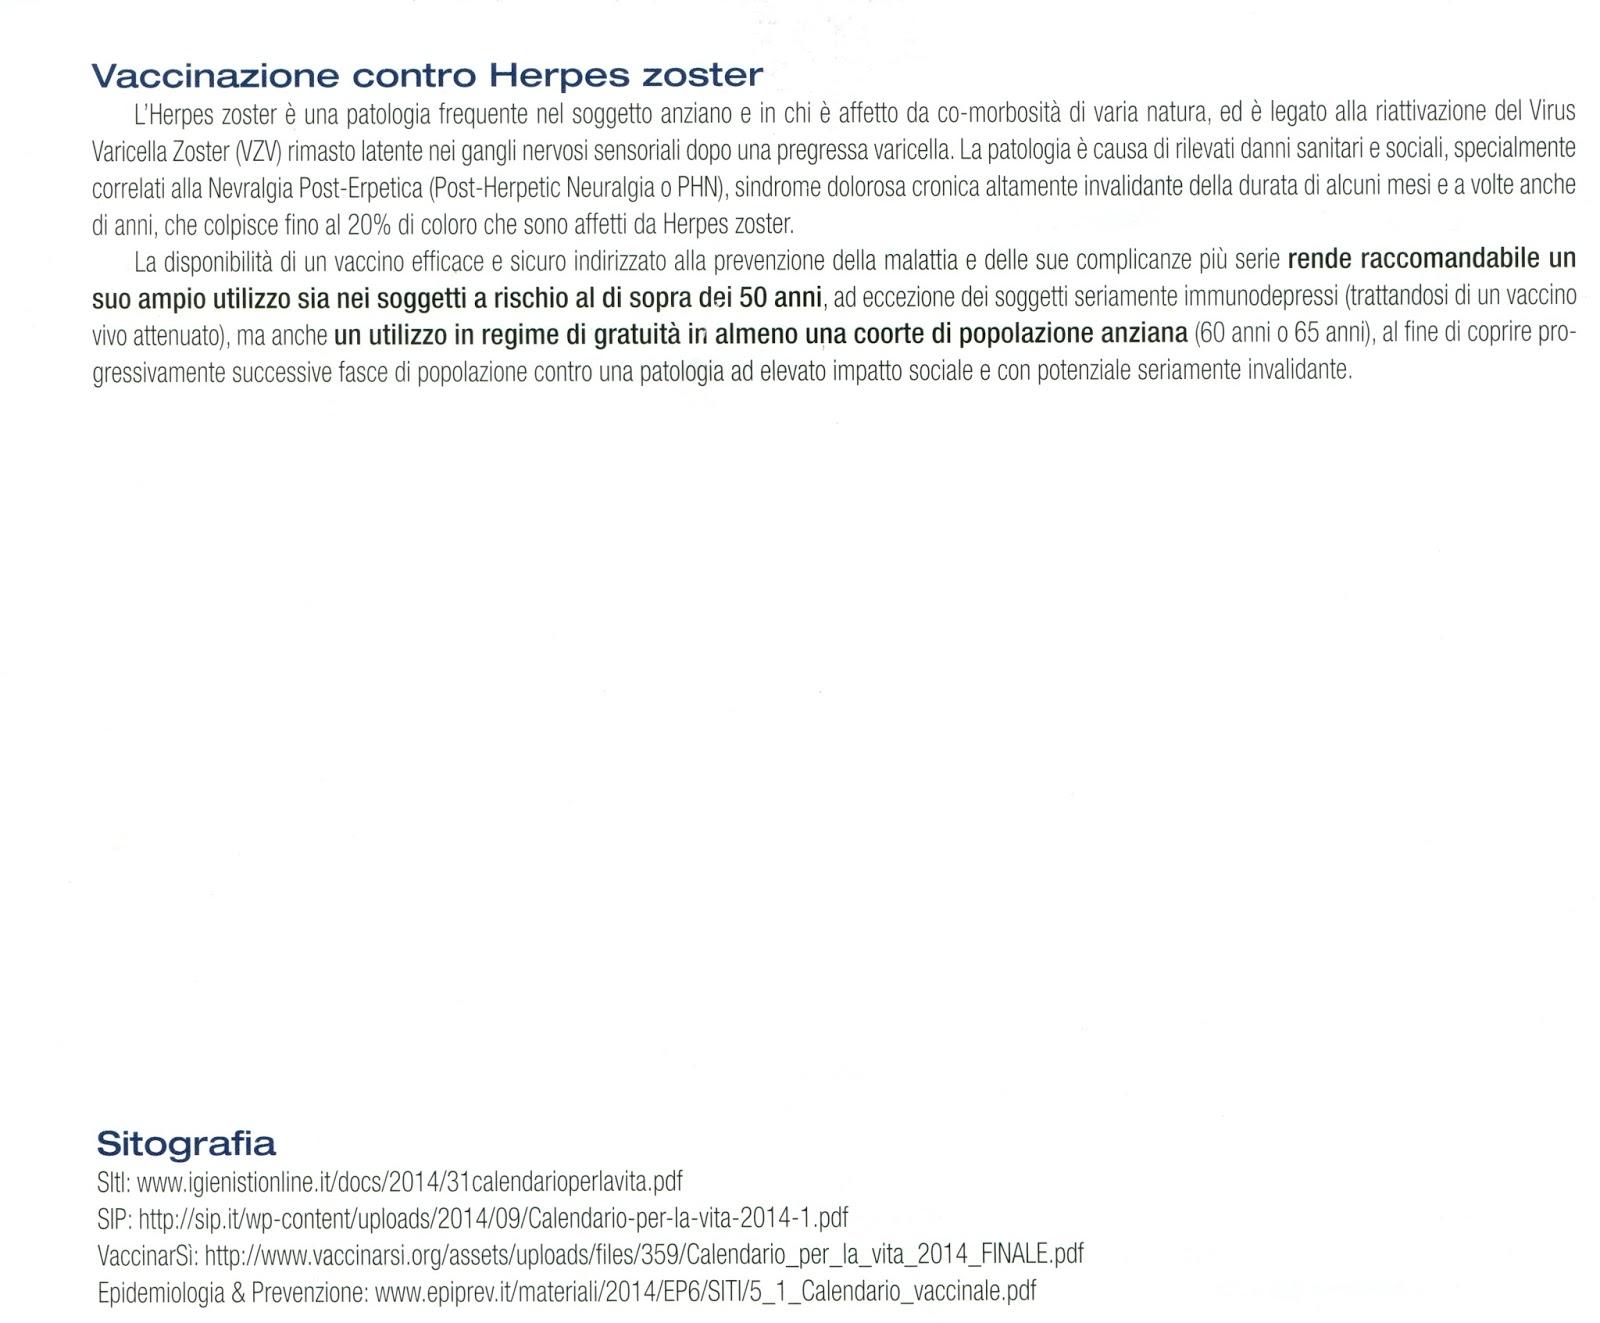 Calendario Per La Vita.Dr Domenico Cimino Pediatra Calendario Vaccinale Per La